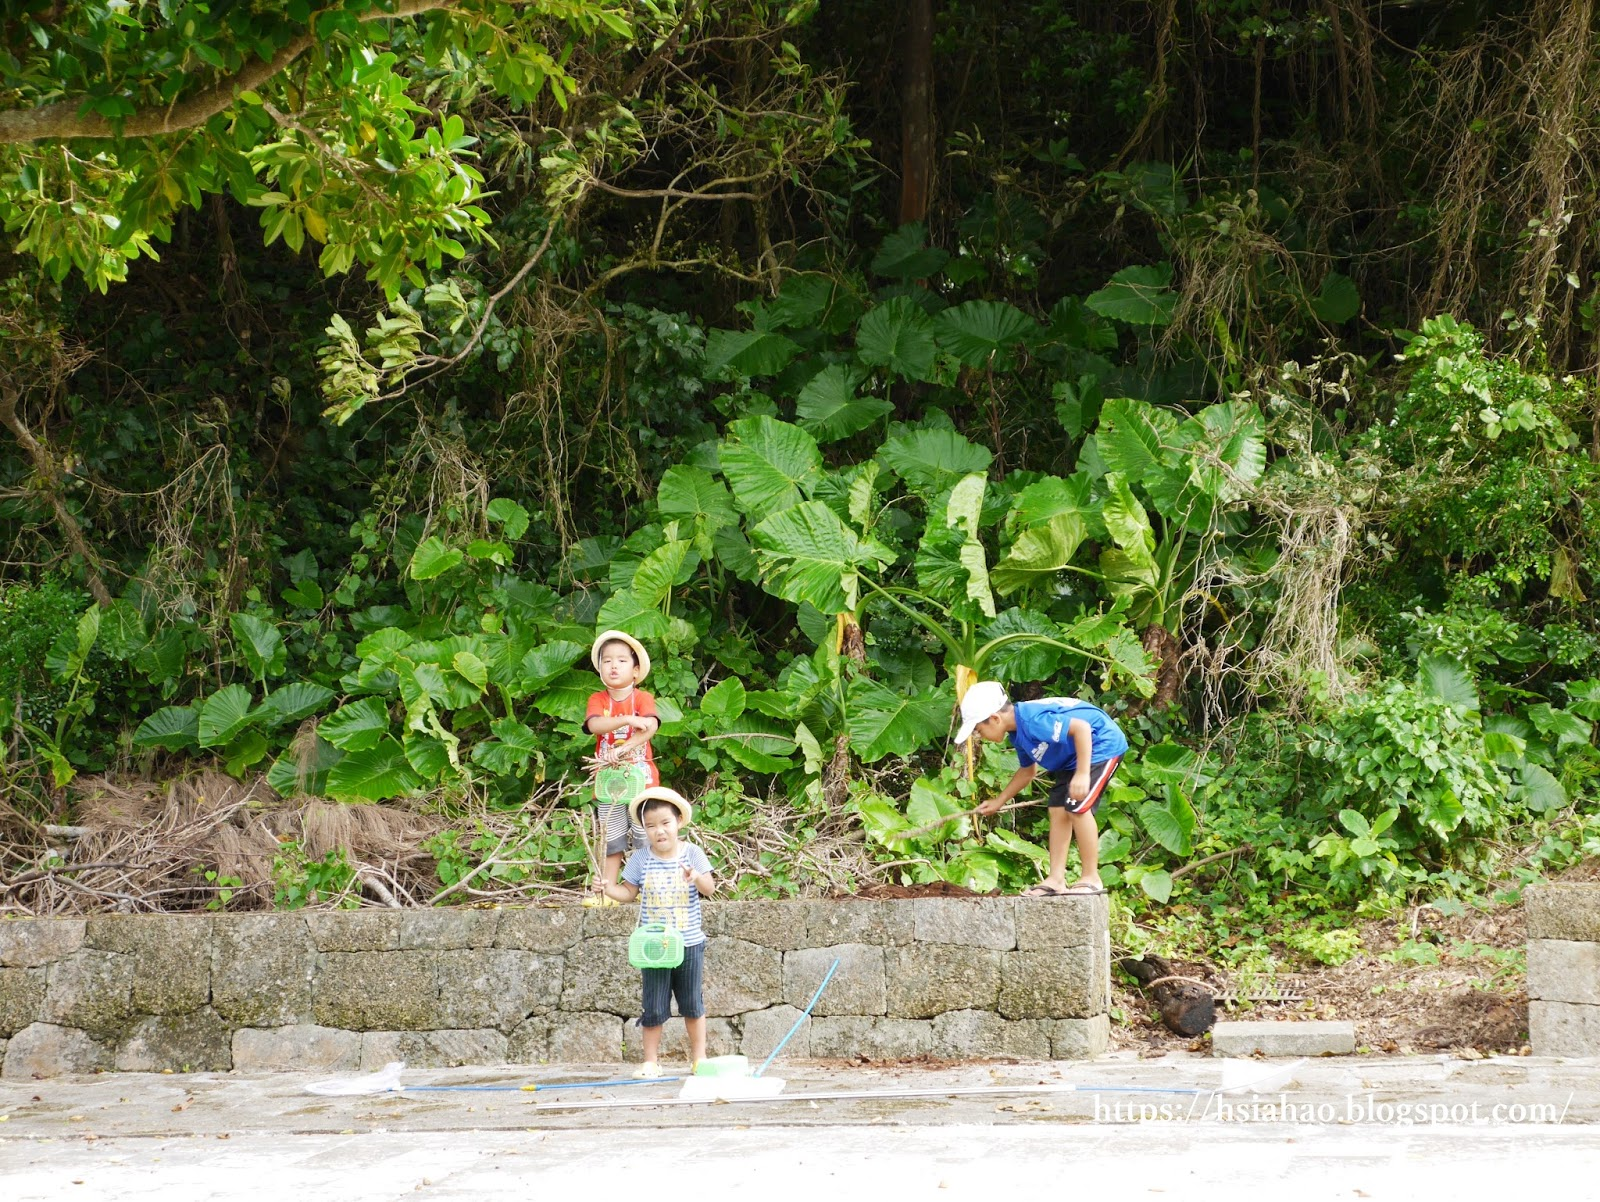 日本-沖繩-小孩-兒童-子供-Japanese-okinawa-kids